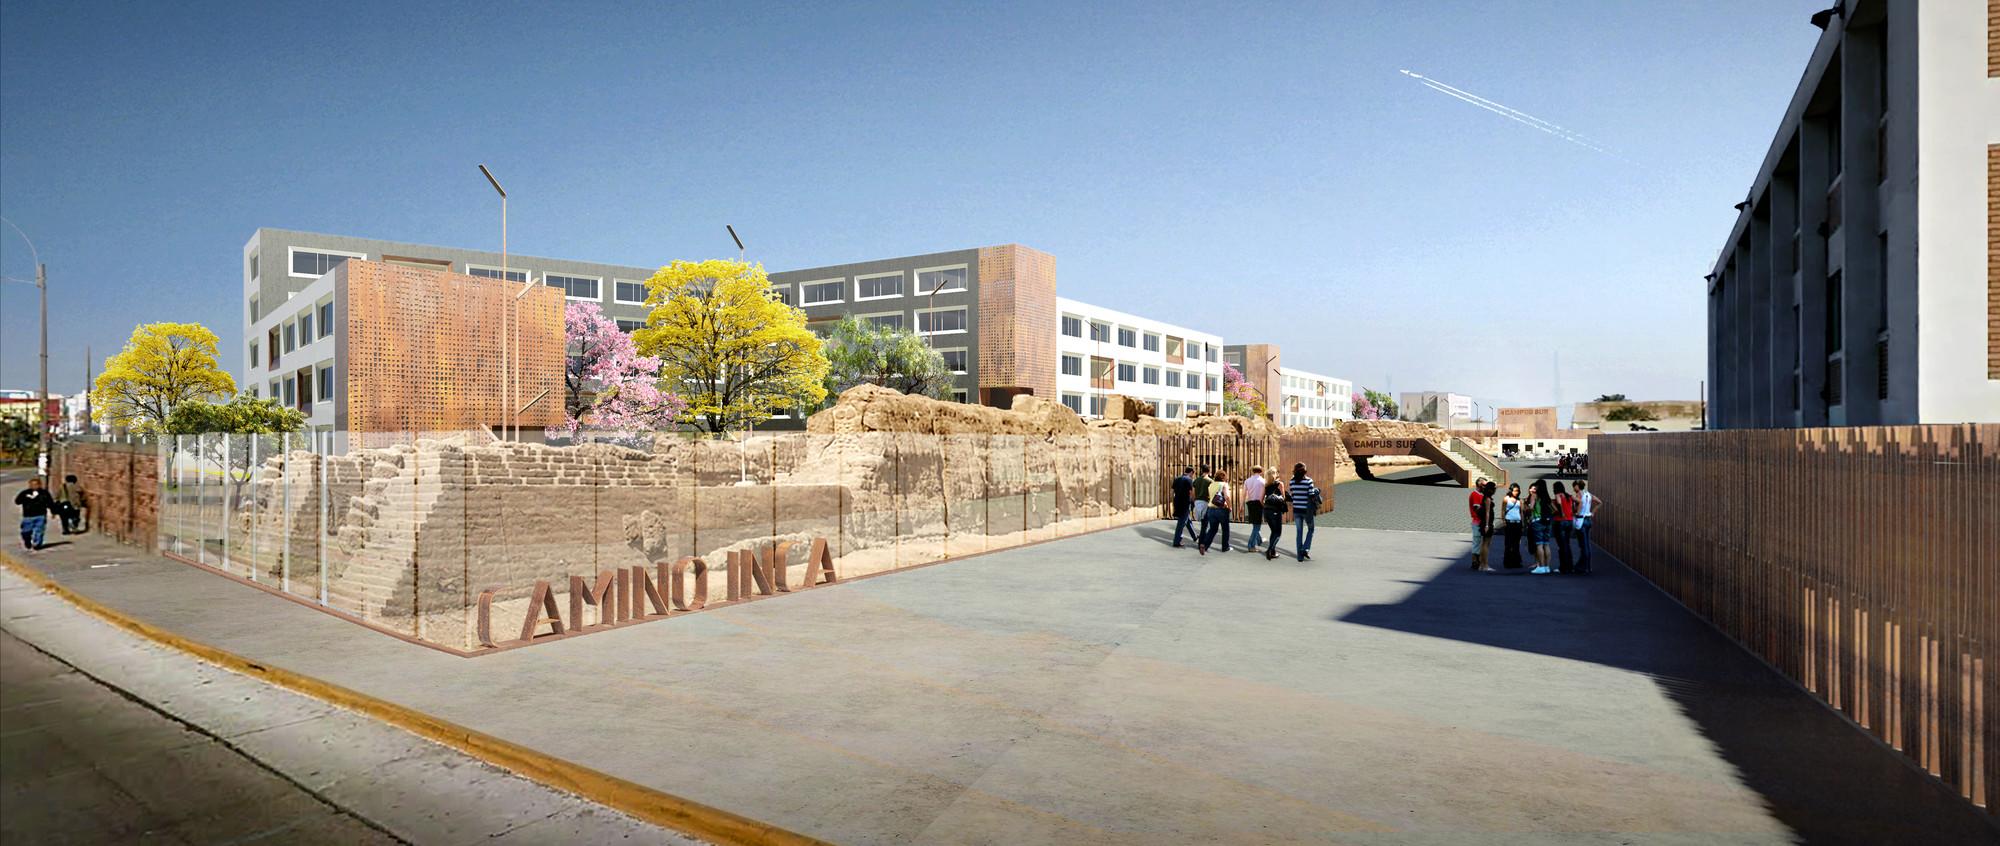 Vista entrada. Image Courtesy of Equipo Segundo Lugar